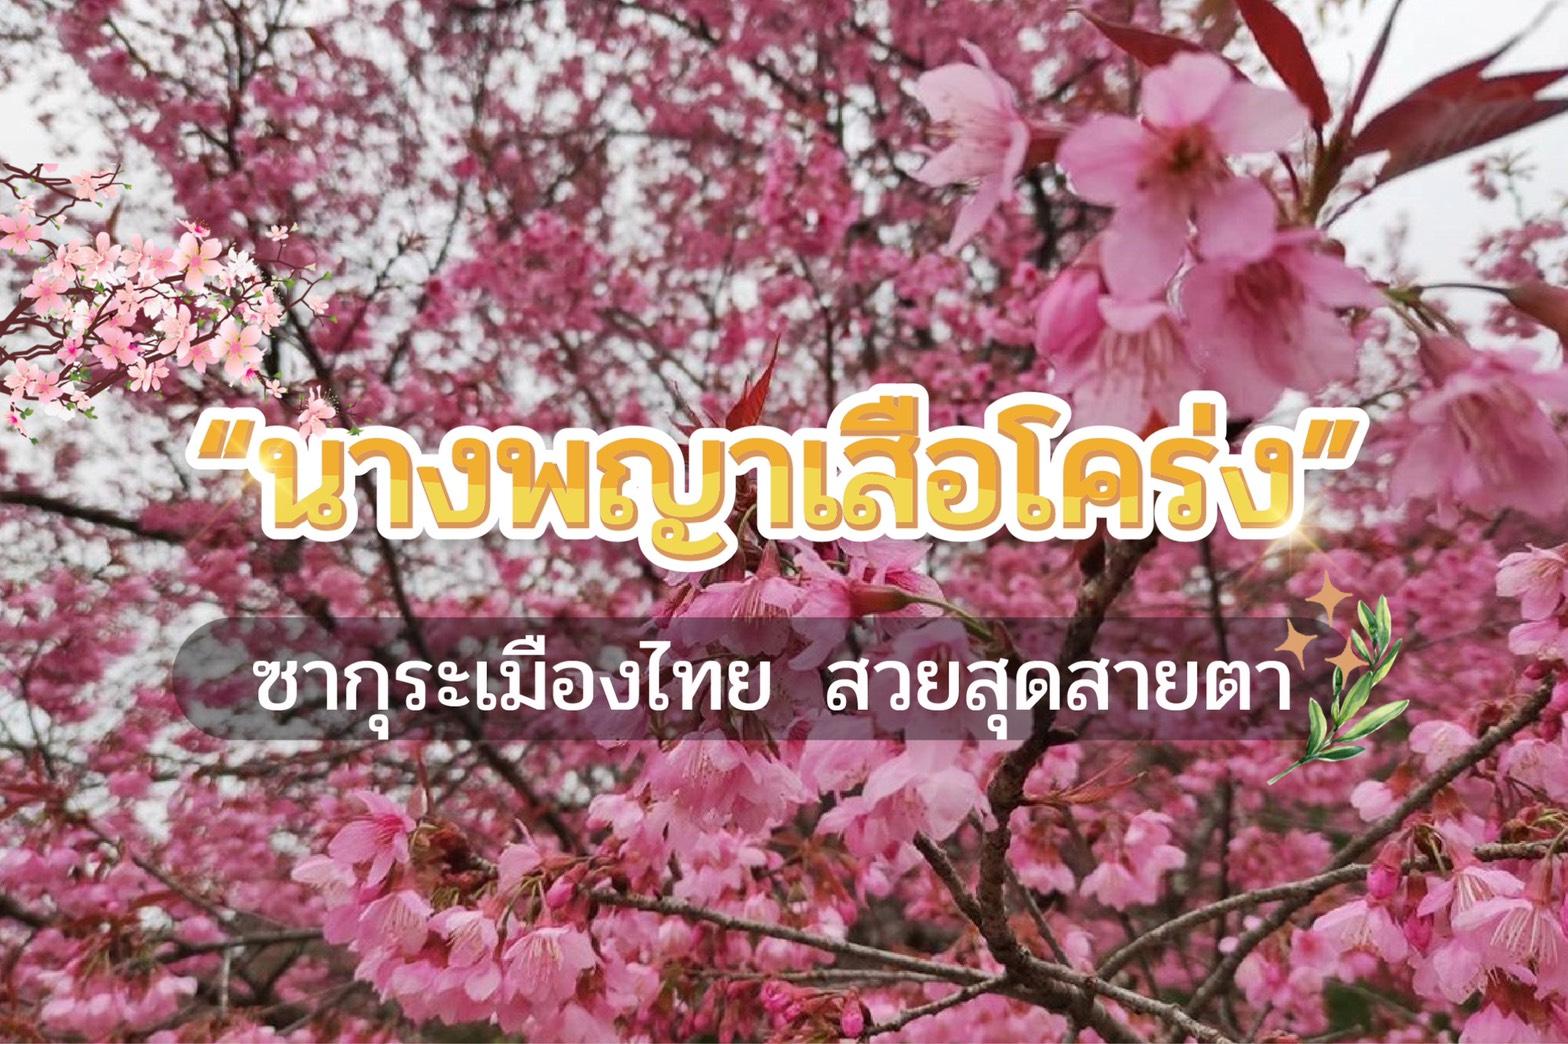 """ชม """"นางพญาเสือโคร่ง ซากุระเมืองไทย"""" สวยสุดสายตา"""